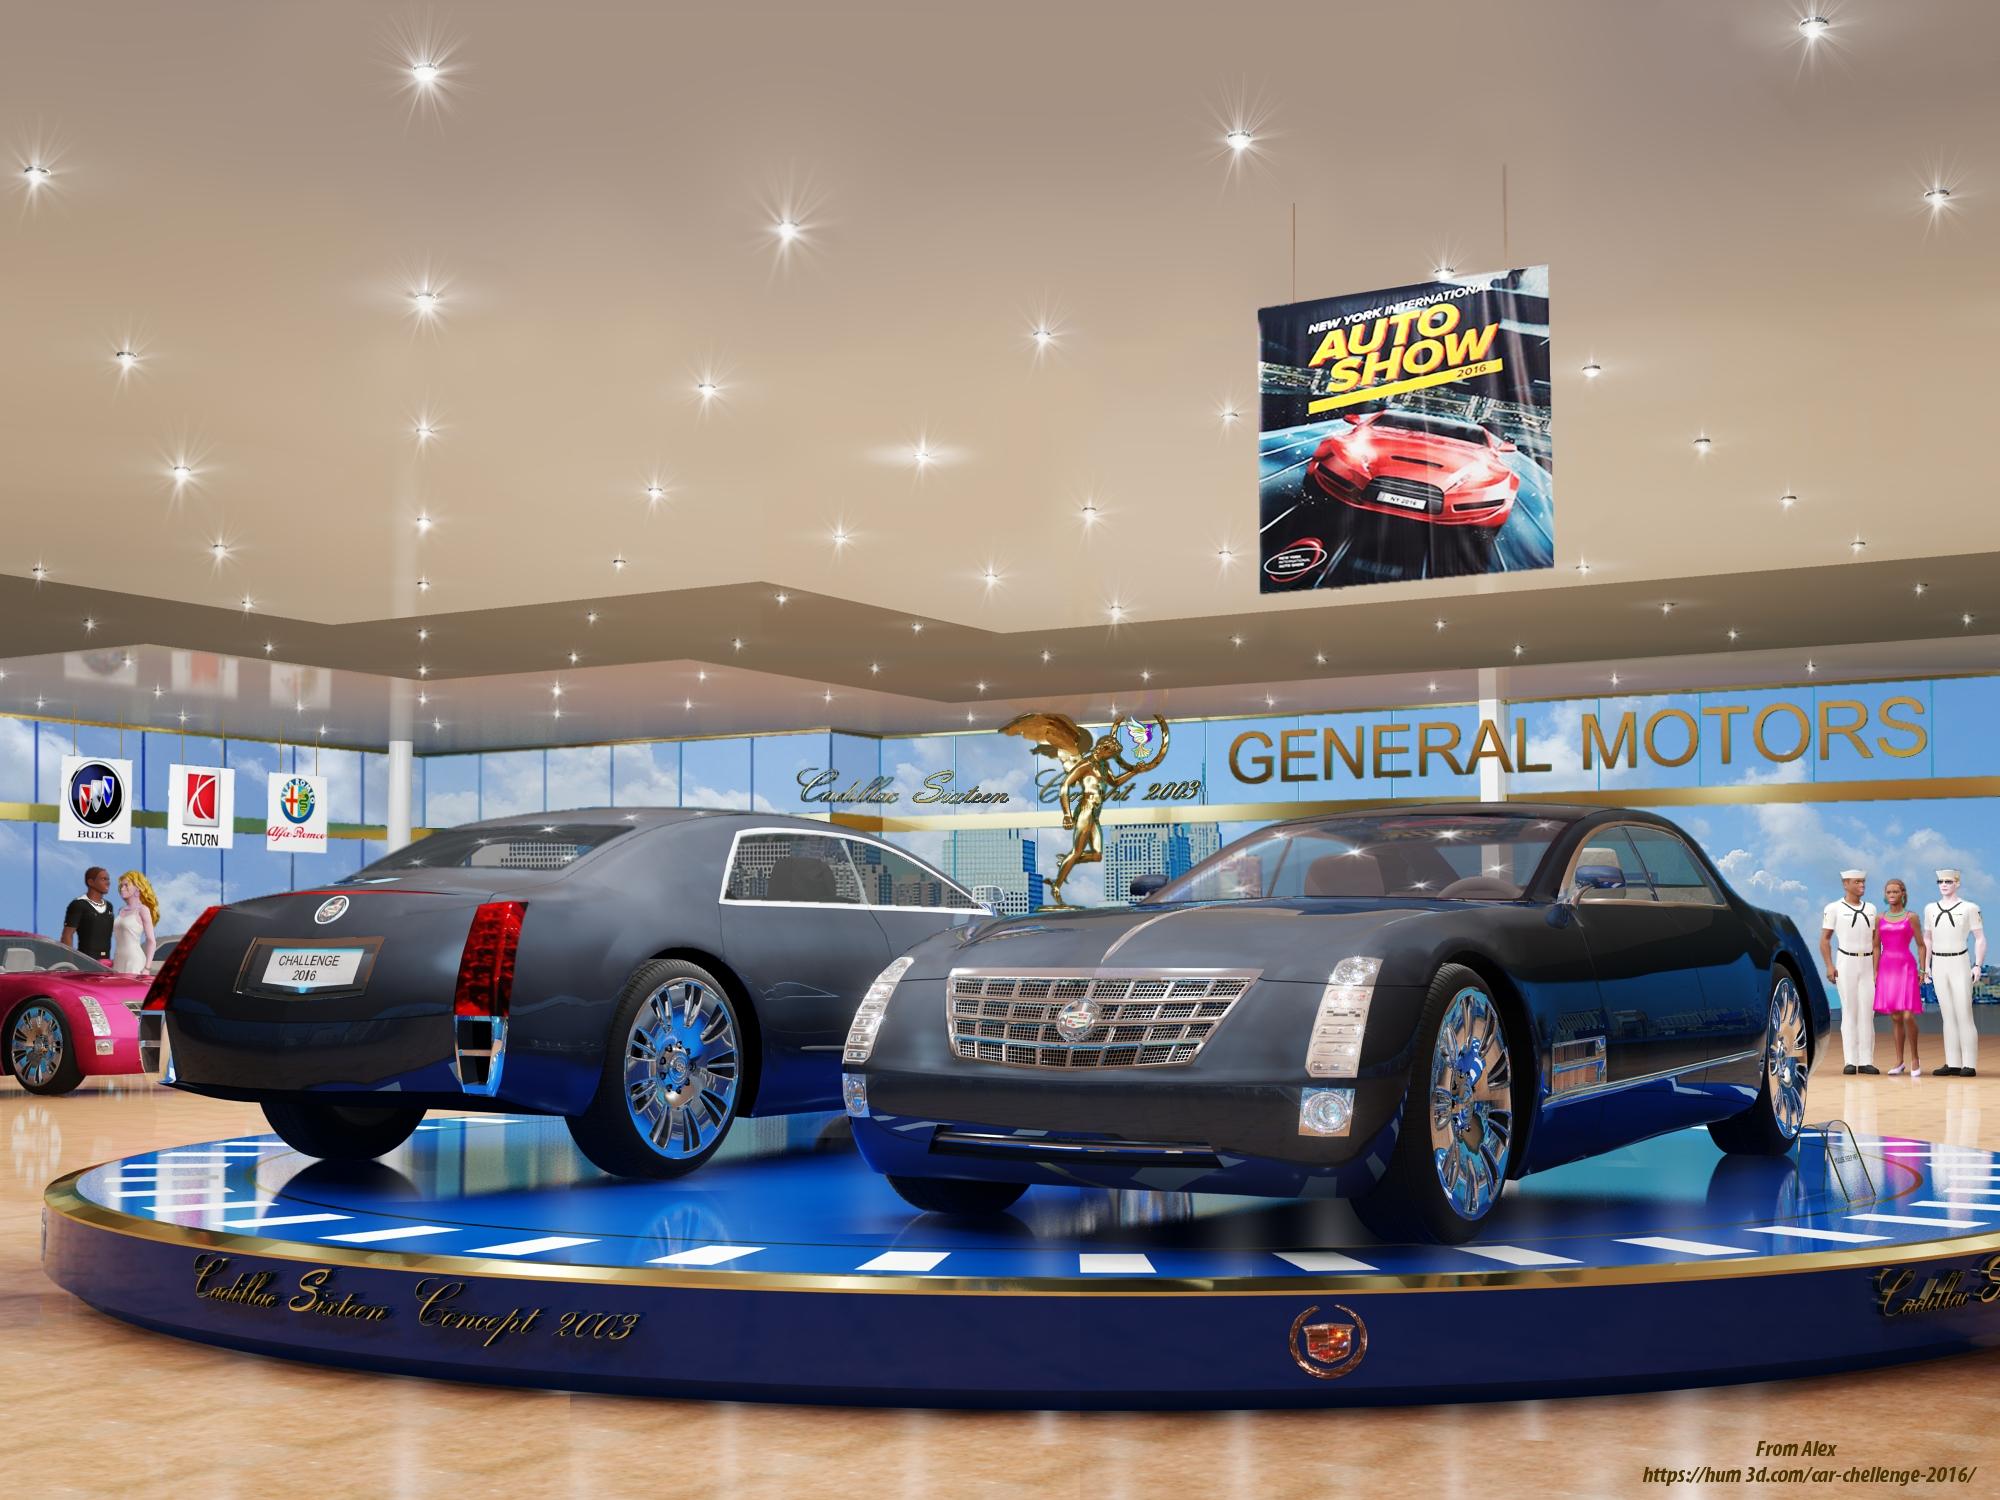 Cadillac sixsteen concept 2003